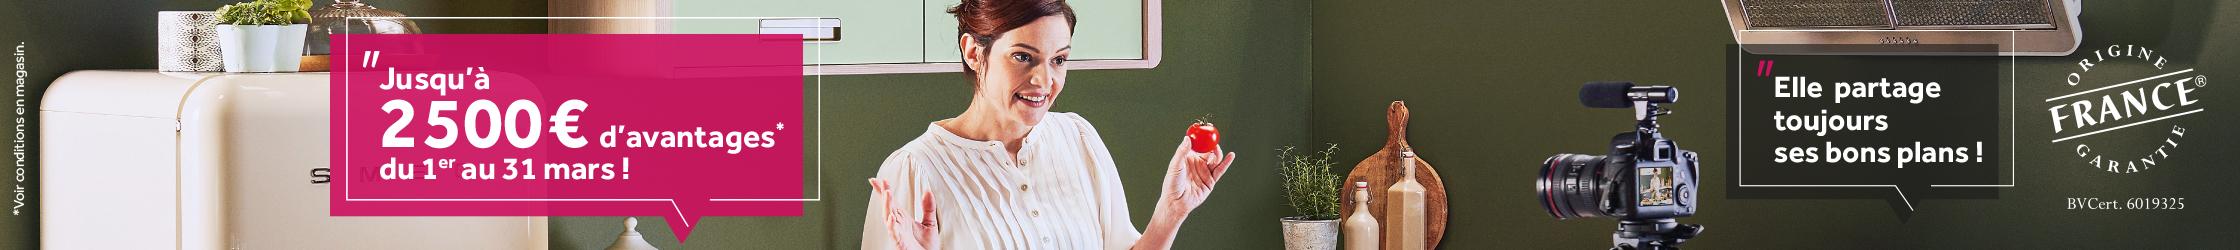 offres-promotionnelles-cuisines-amenagees-comera-cuisines